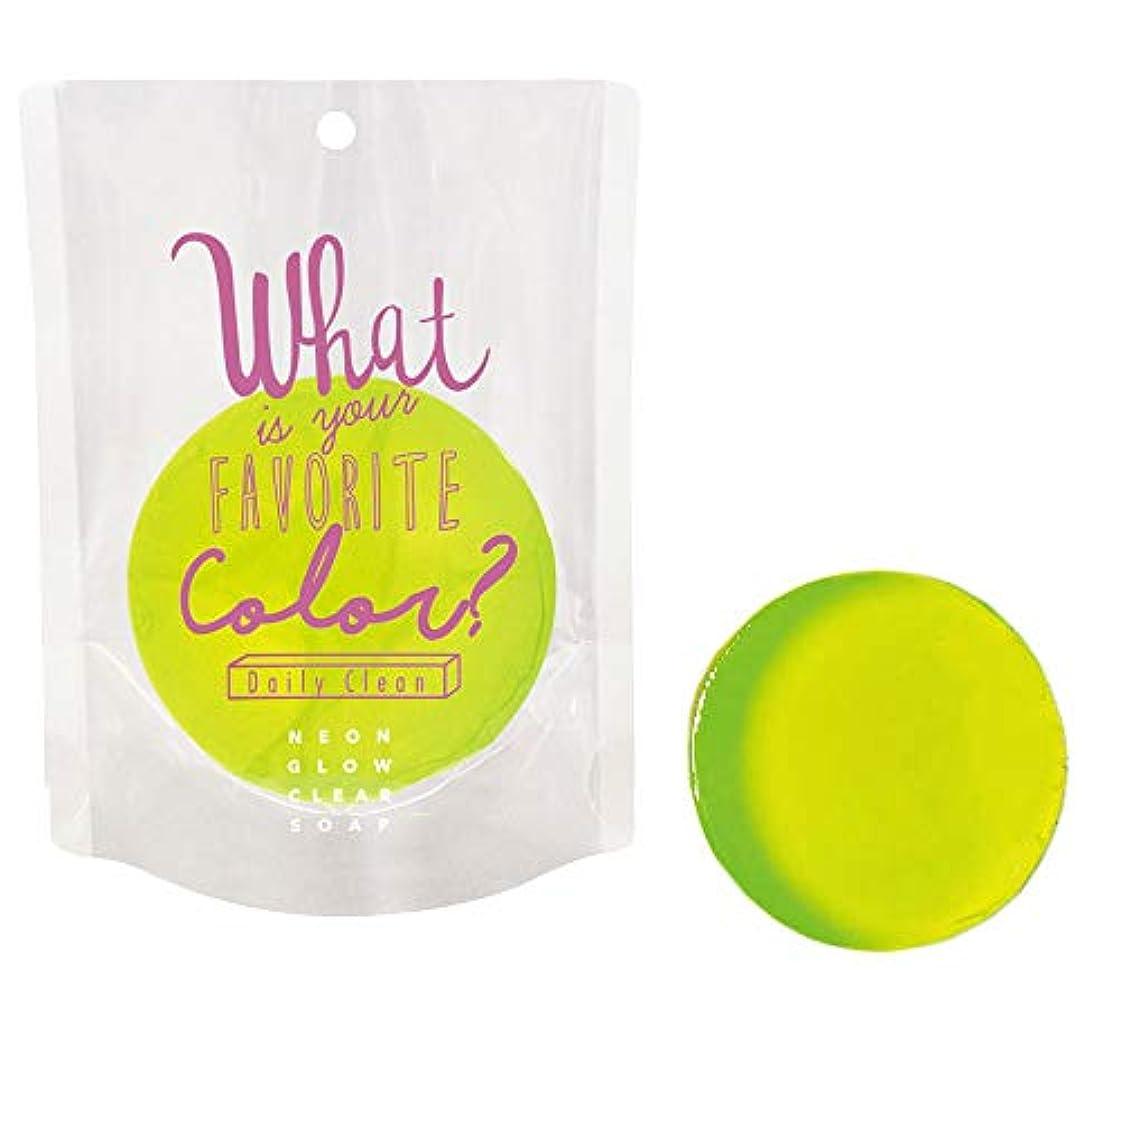 干し草リスキーなゆりかごネオングロークリアソープ ob-ngw-2-1-4(02/パパイヤ) Neon Glow Clear Soap 石鹸 ノルコーポレーション 固形 せっけん カラフル 香り 清潔 ギフト プレゼント